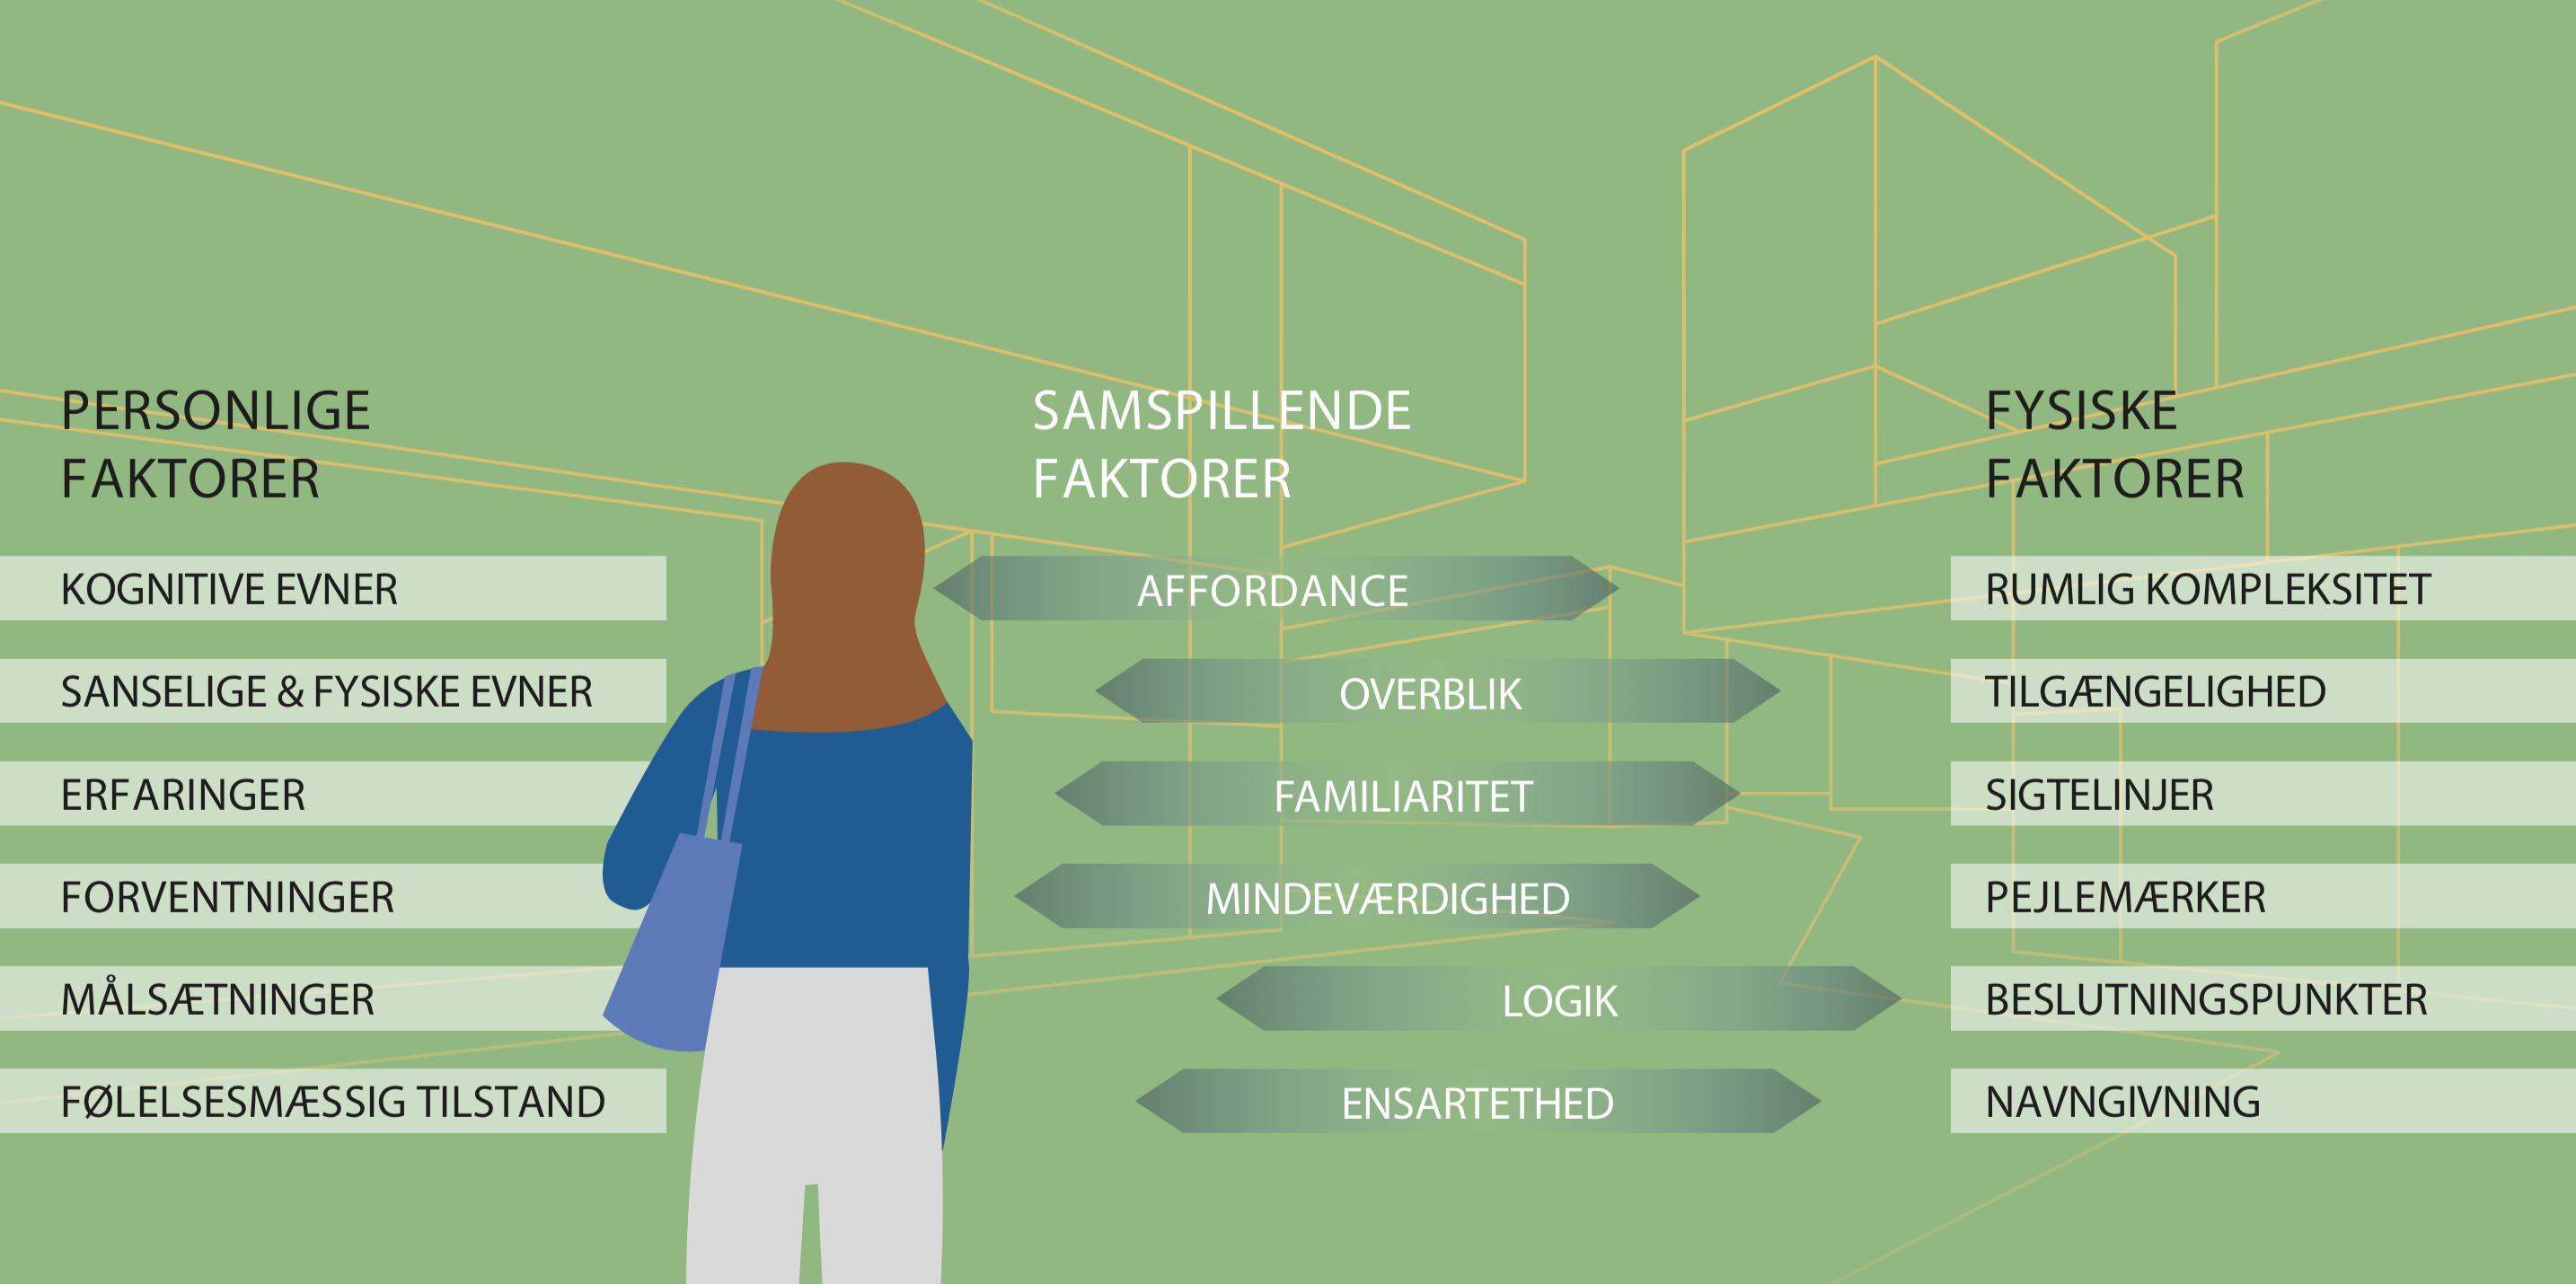 Tegning af en person som kigger mod alle de forskellige faktorer, der har en betydning eks. sanselige og fysiske evner.